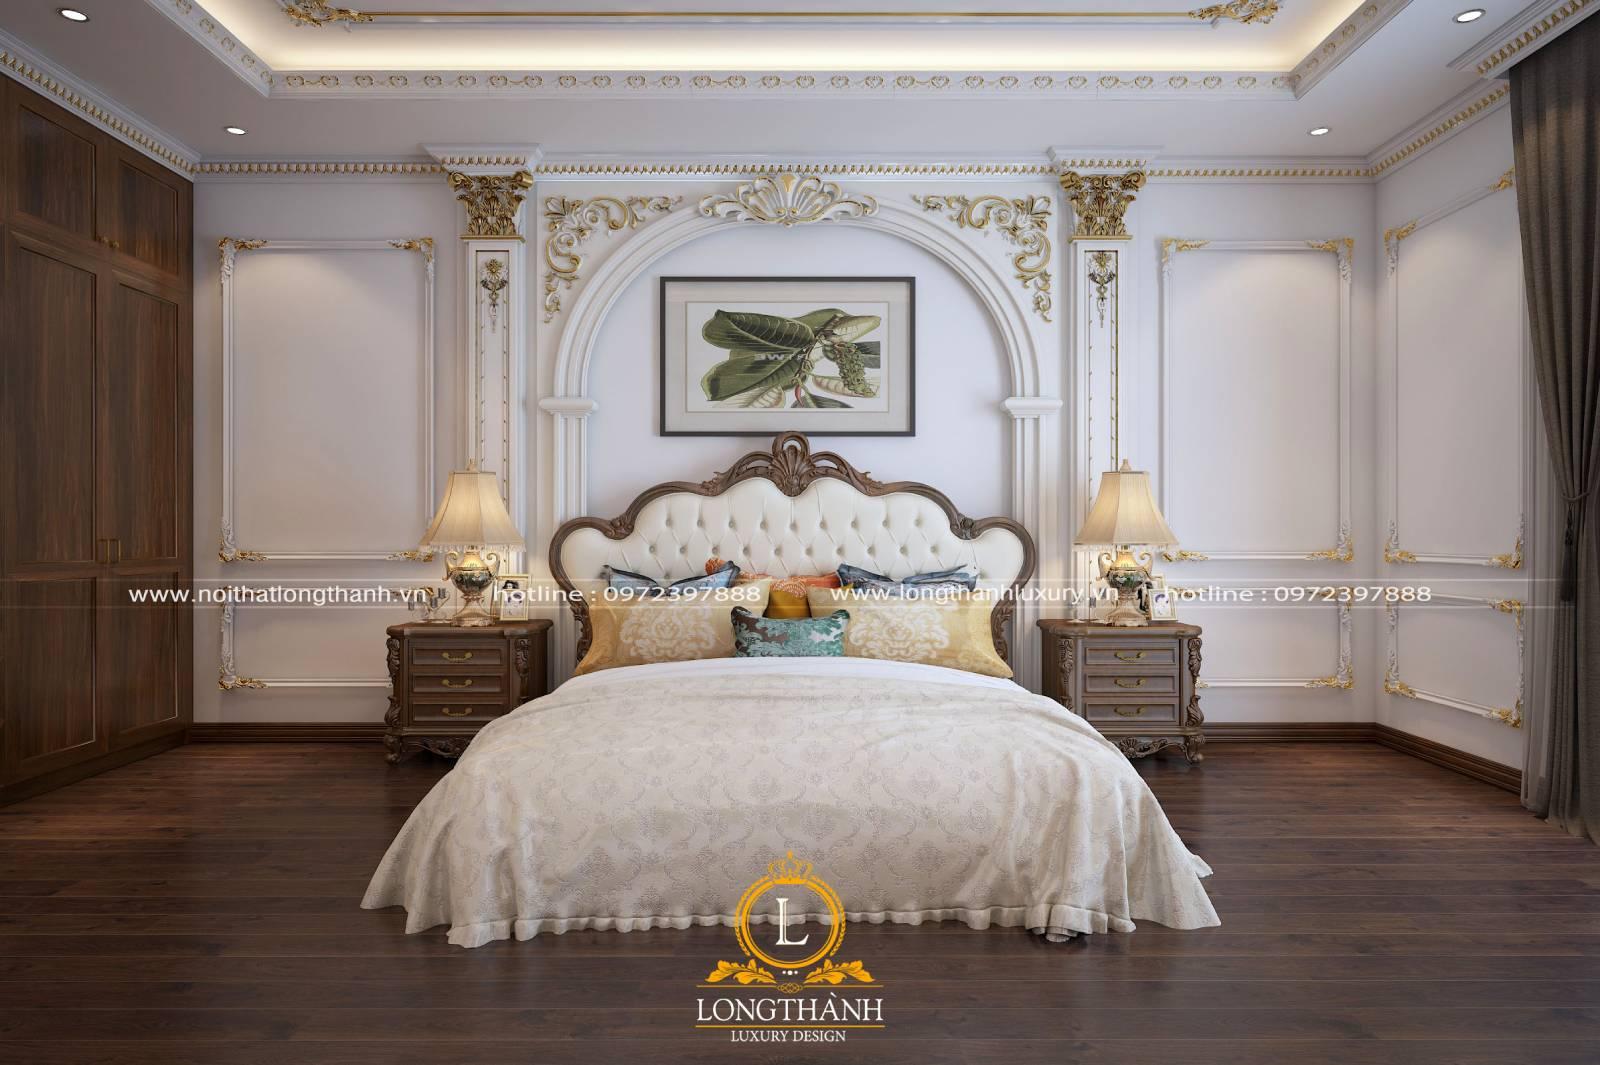 Giường ngủ master tân cổ điển đẹp tạo nên vẻ độc đáo cho phòng ngủ